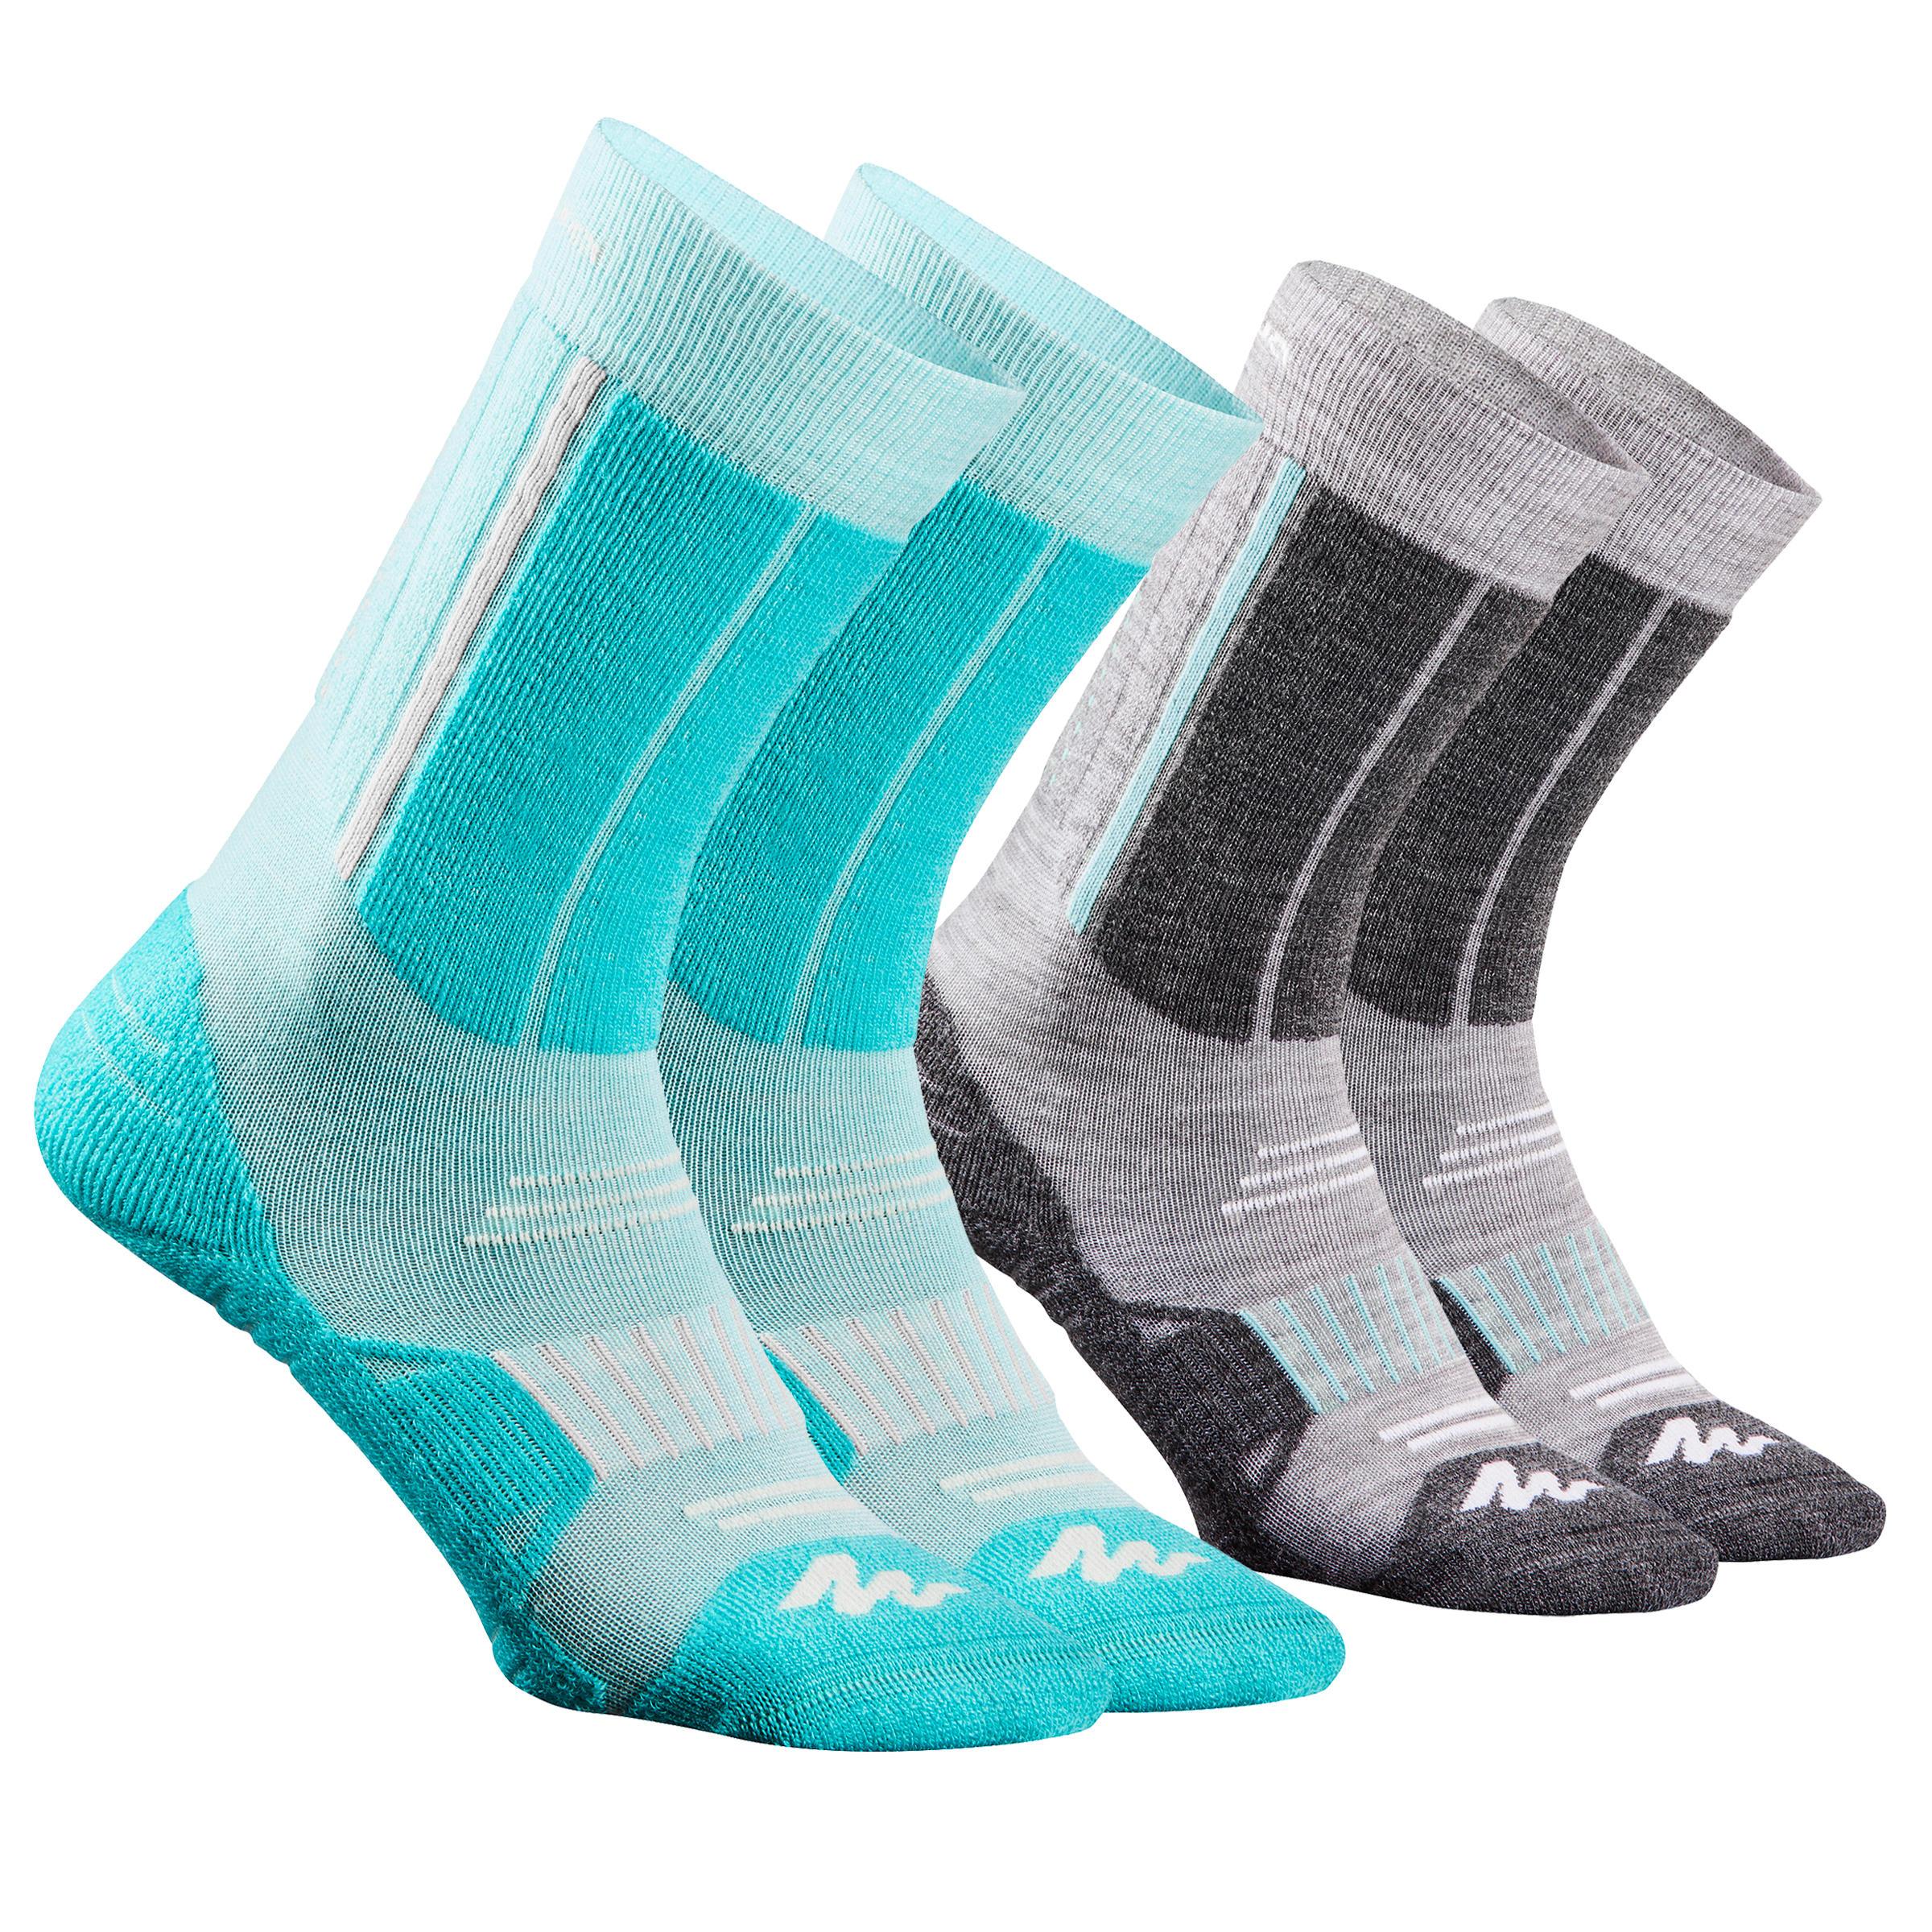 Chaussettes de randonnée neige junior SH520 x-warm mi-hauteur ice /grises.